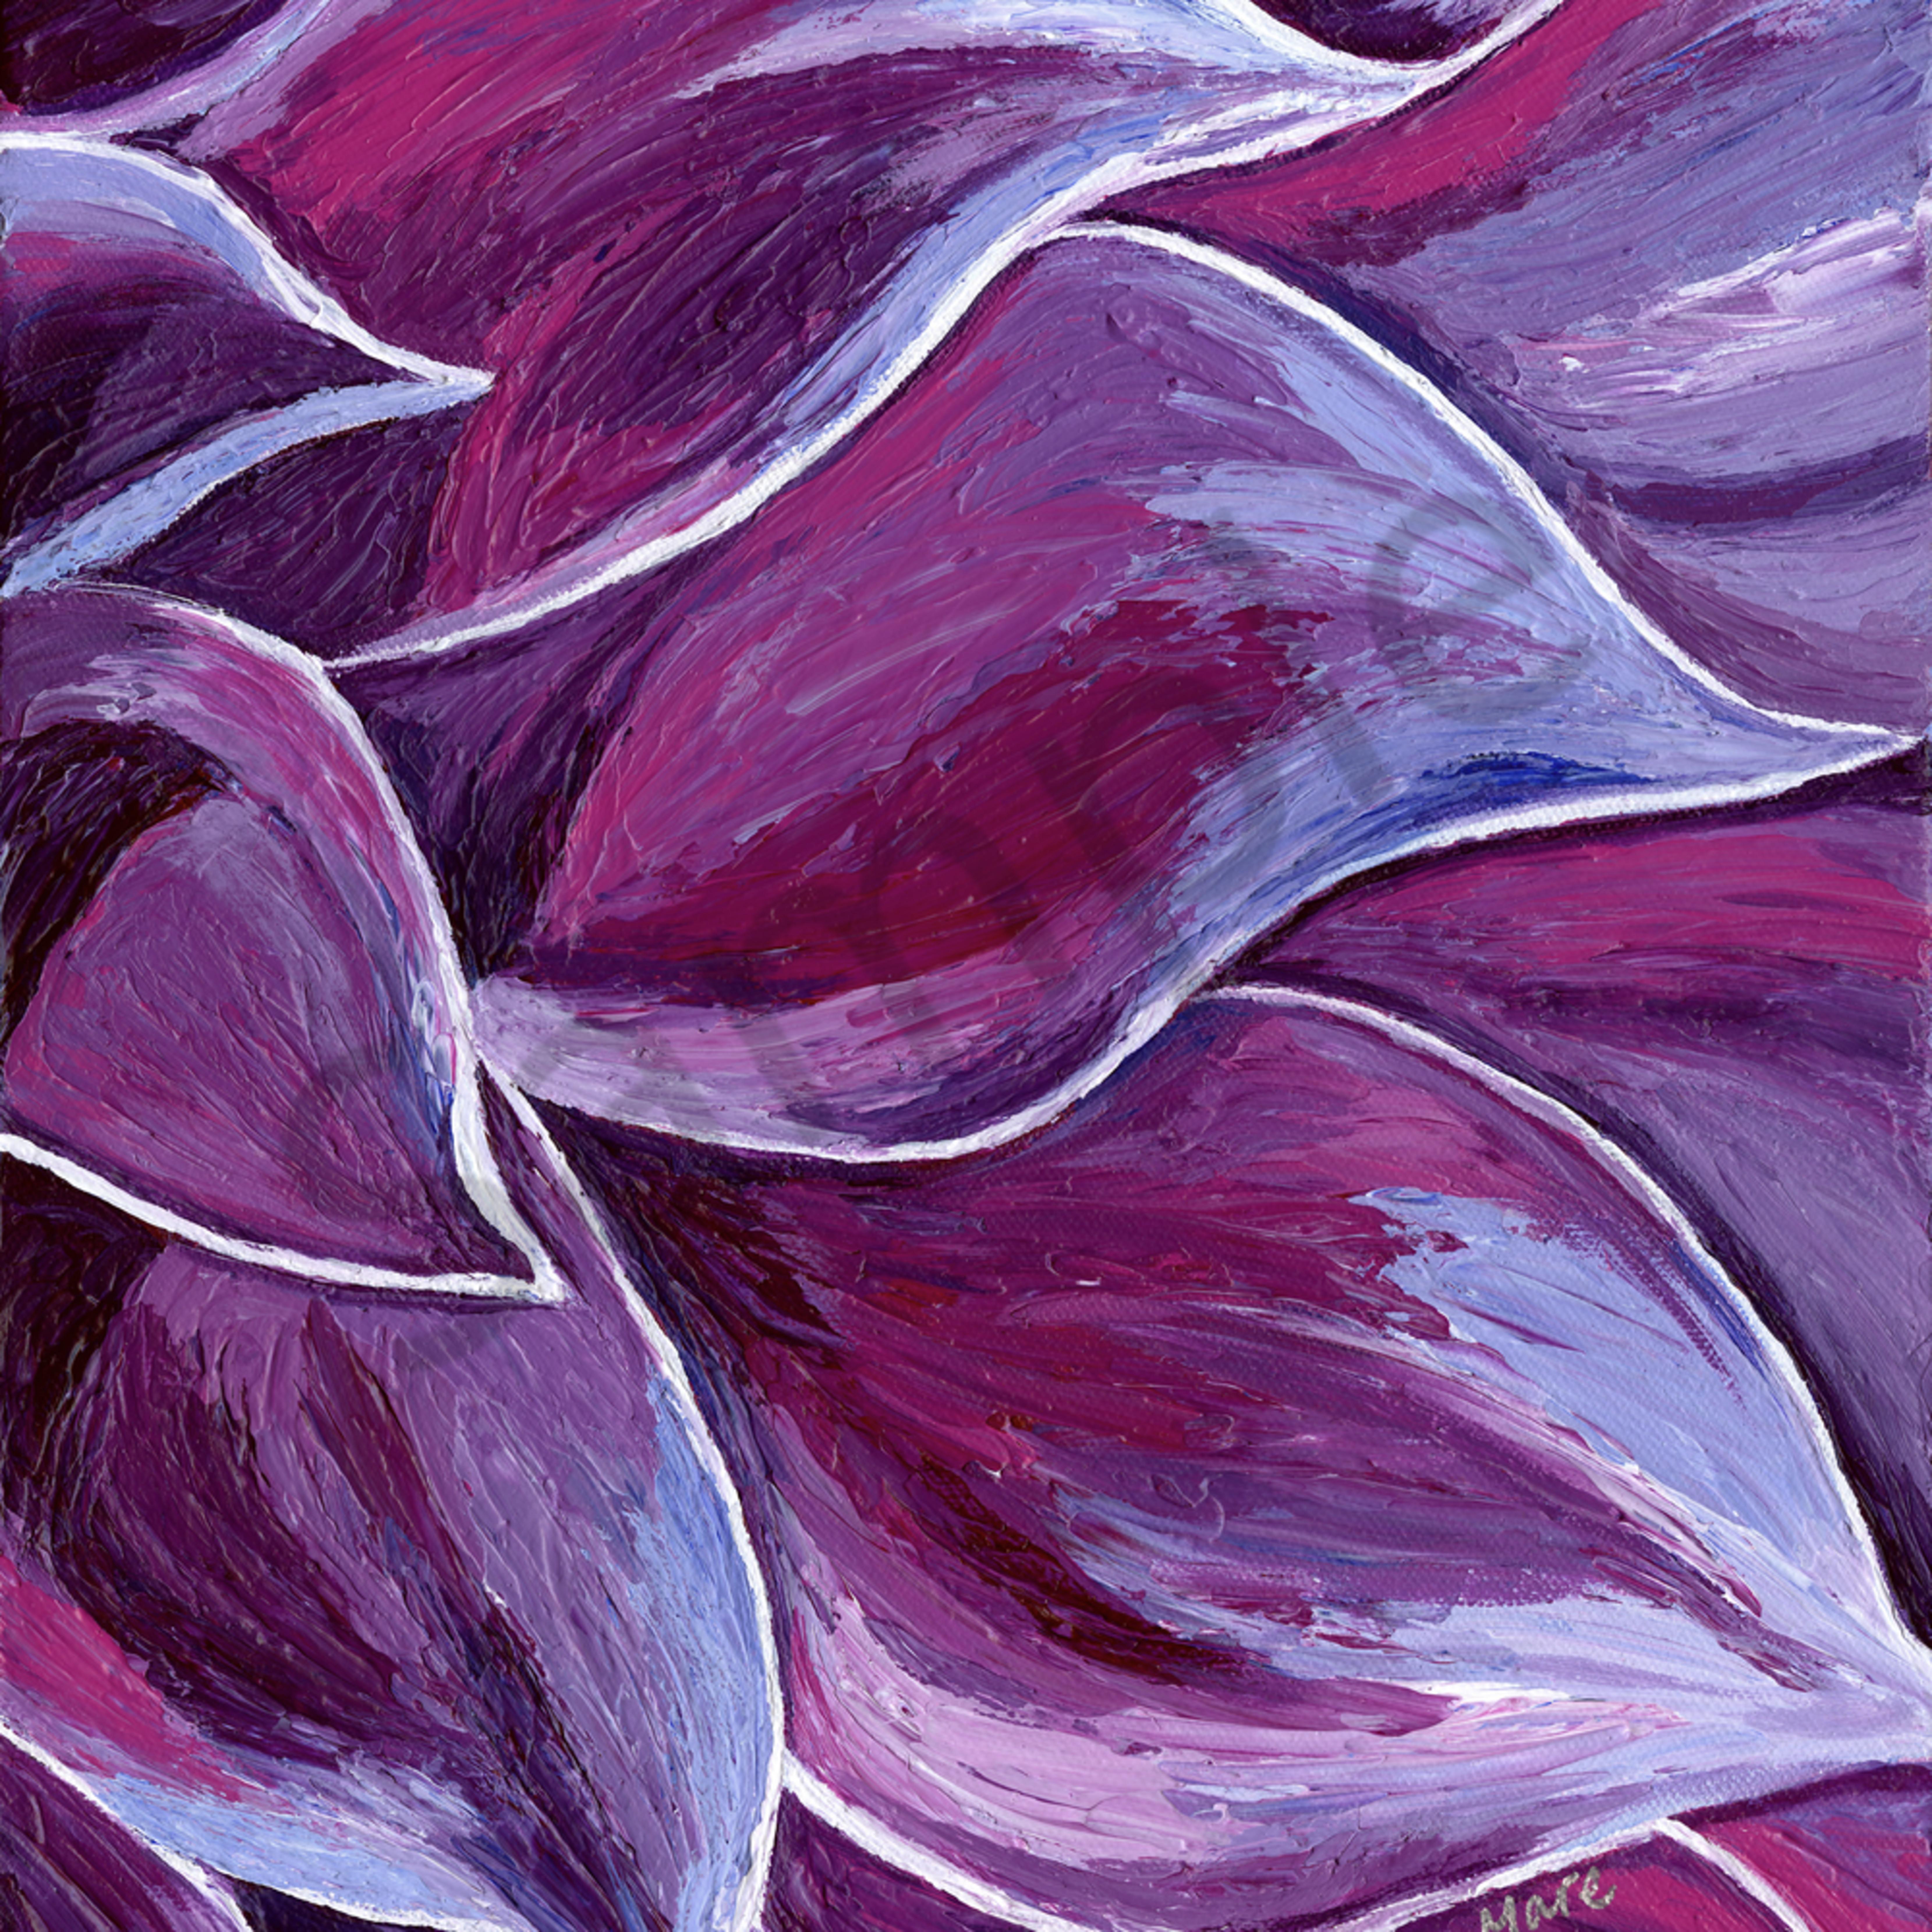 Peaceful petals sxjdmq